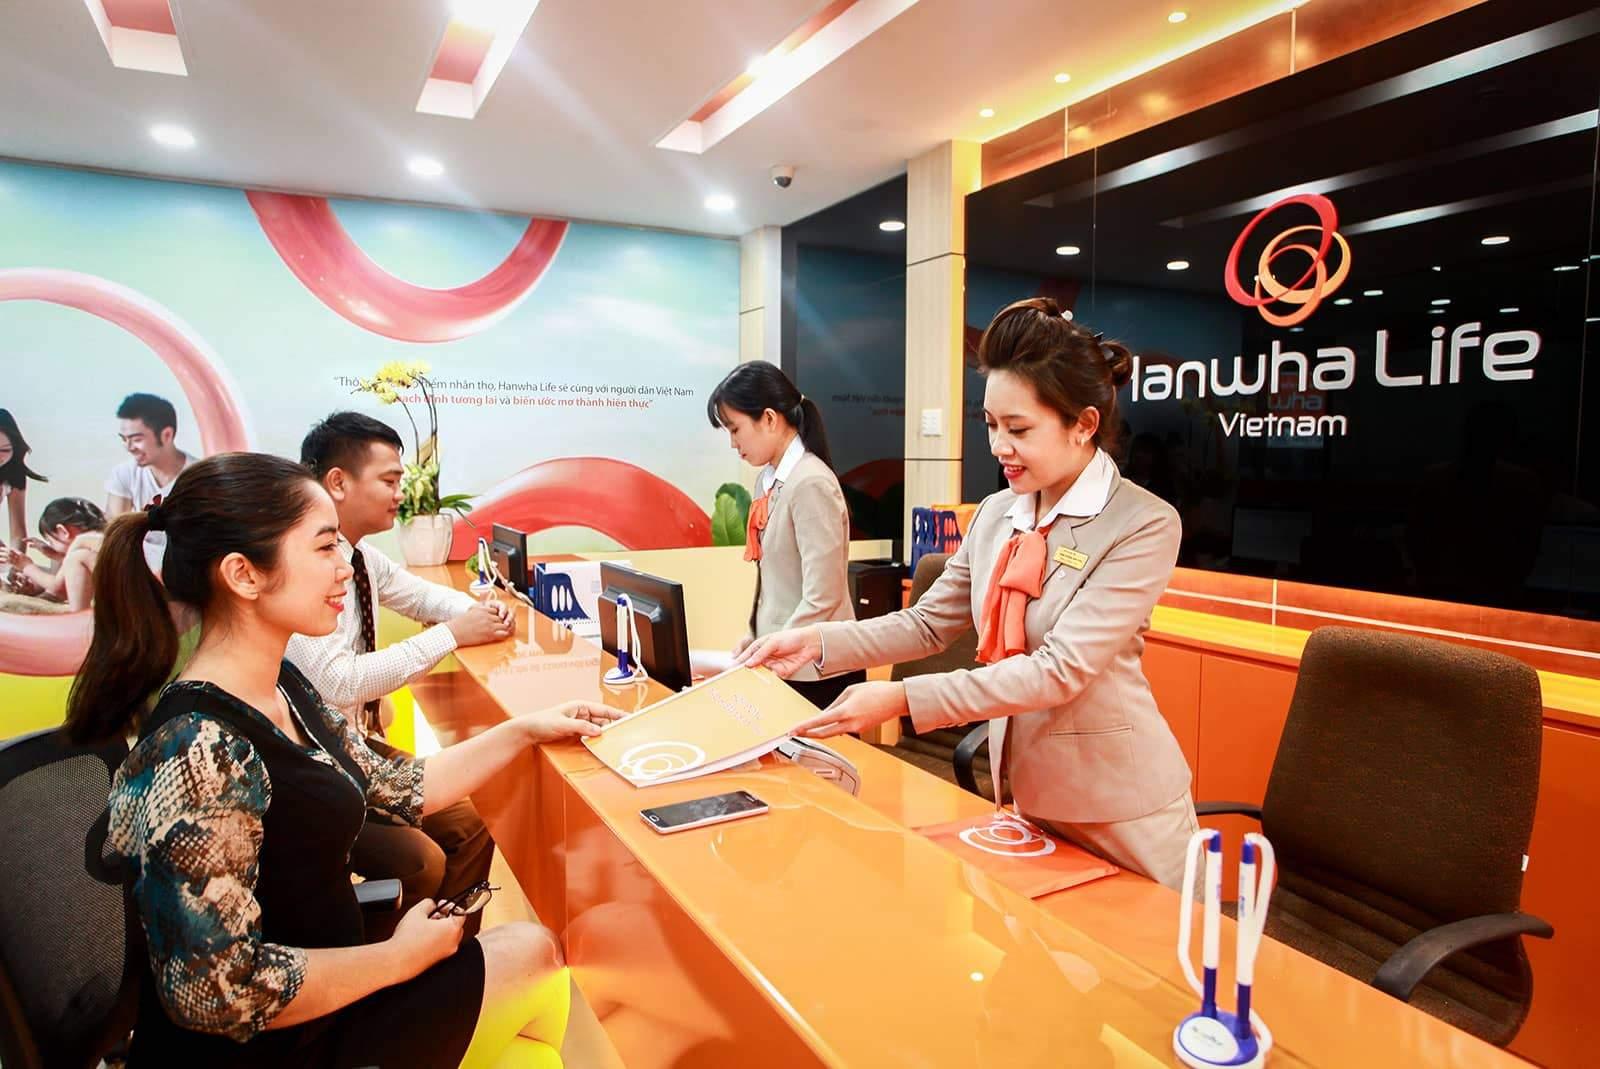 Tư vấn về quyền lợi bảo hiểm nhân thọ Hanwha Life